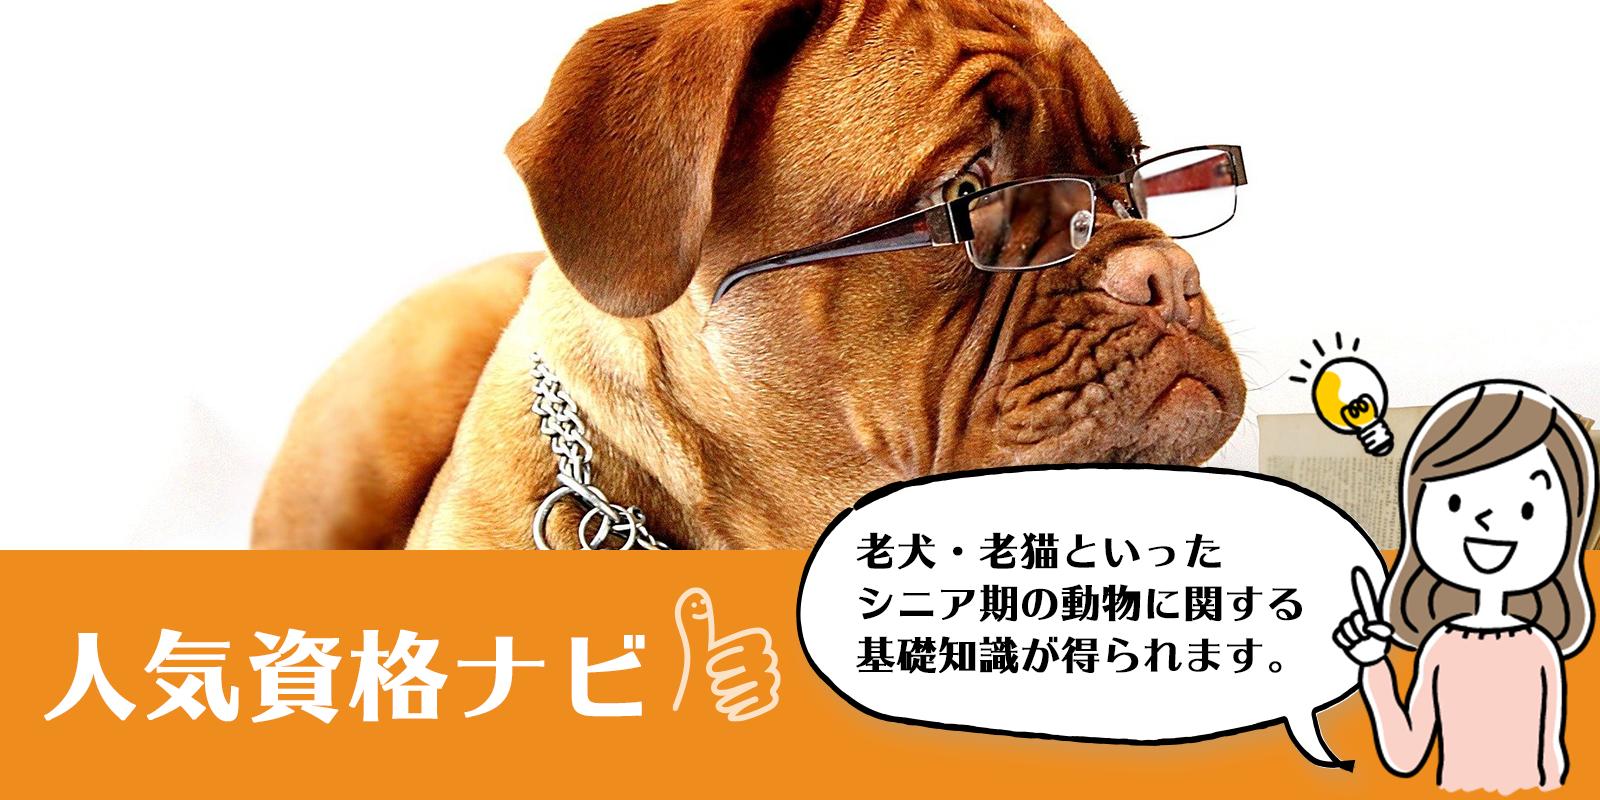 動物介護資格のアイキャッチ画像